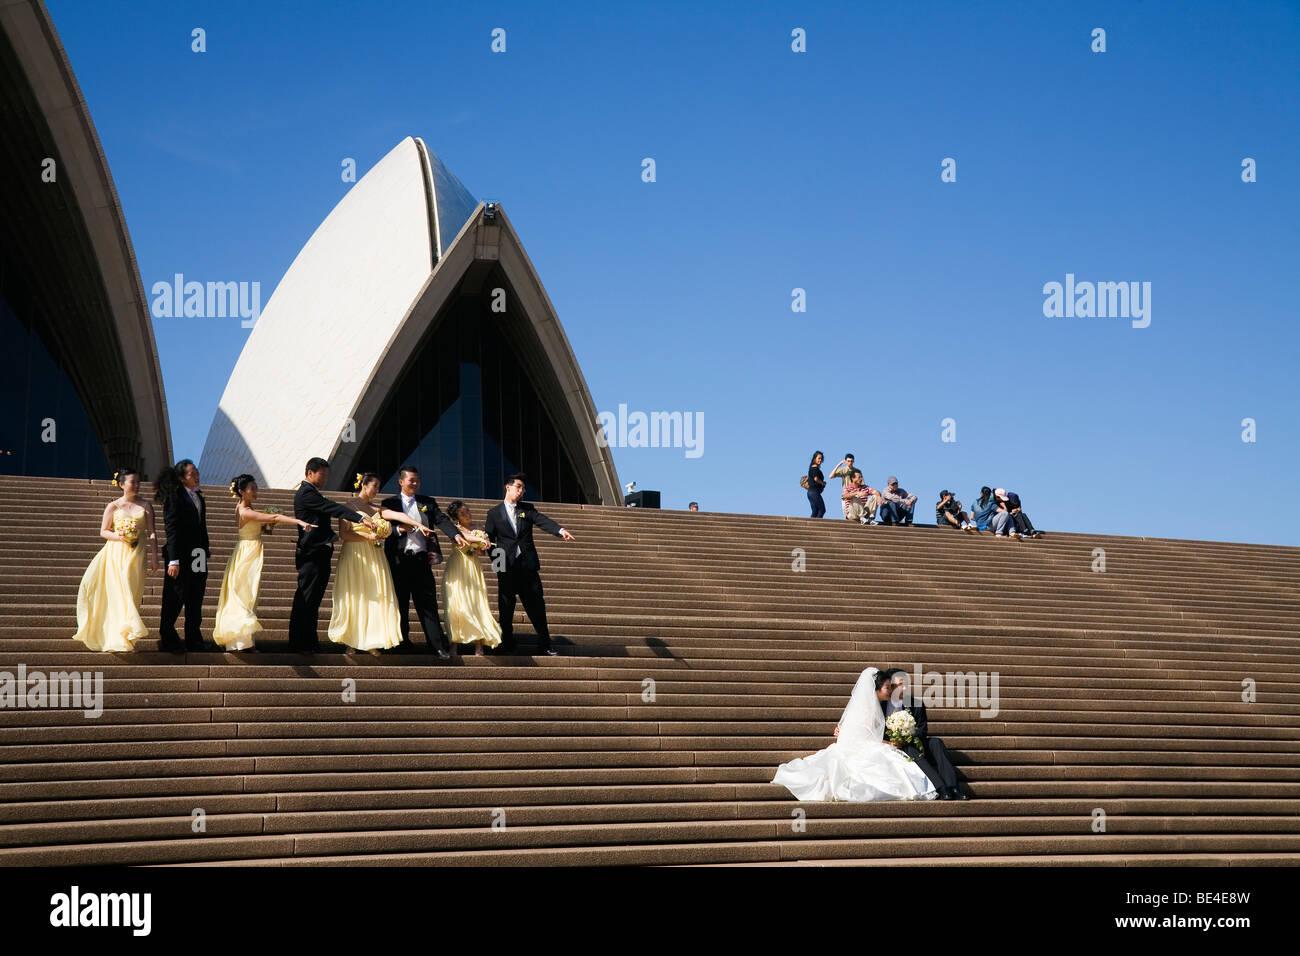 Festa di matrimonio i passi della Sydney Opera House. Sydney, Nuovo Galles del Sud, Australia Immagini Stock